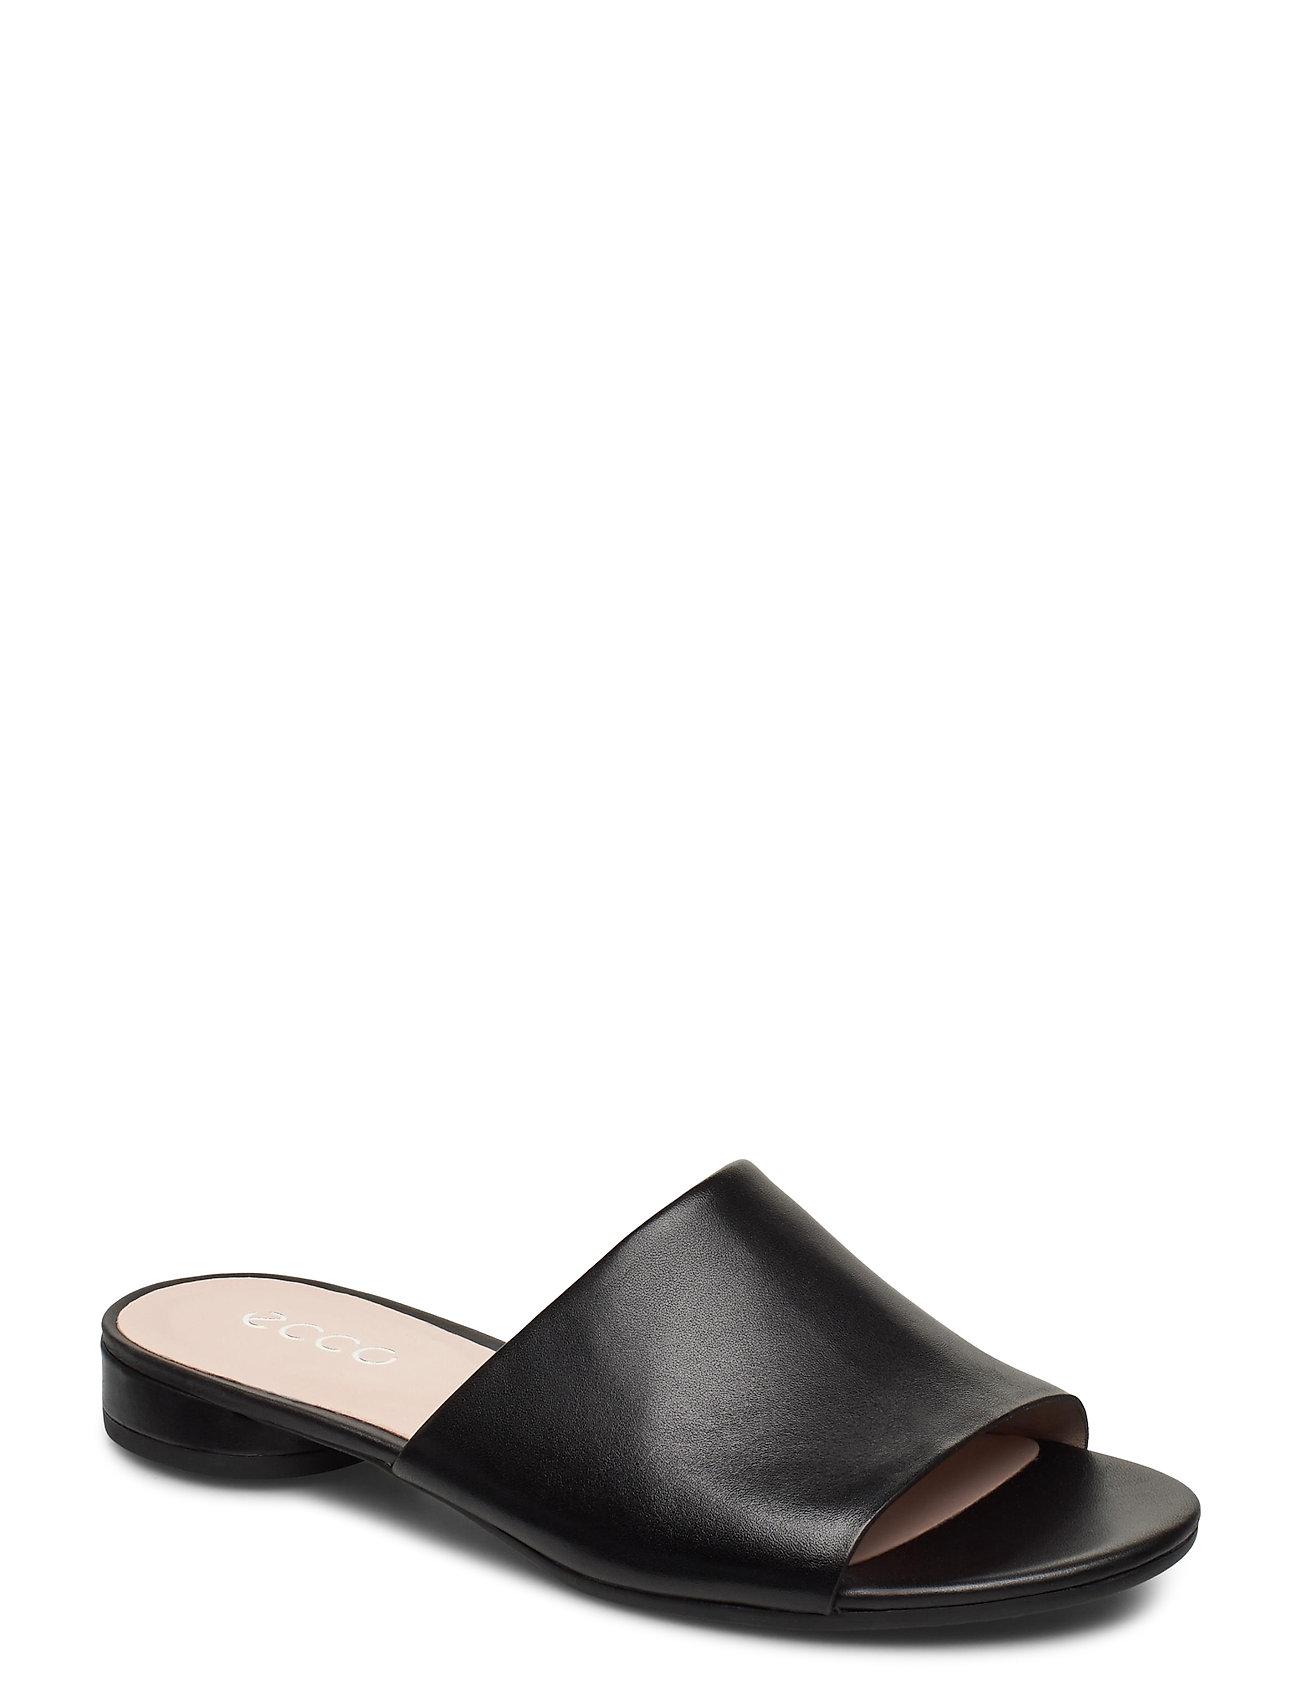 Image of W Flat Sandal Ii Shoes Summer Shoes Flat Sandals Sort ECCO (3481595339)